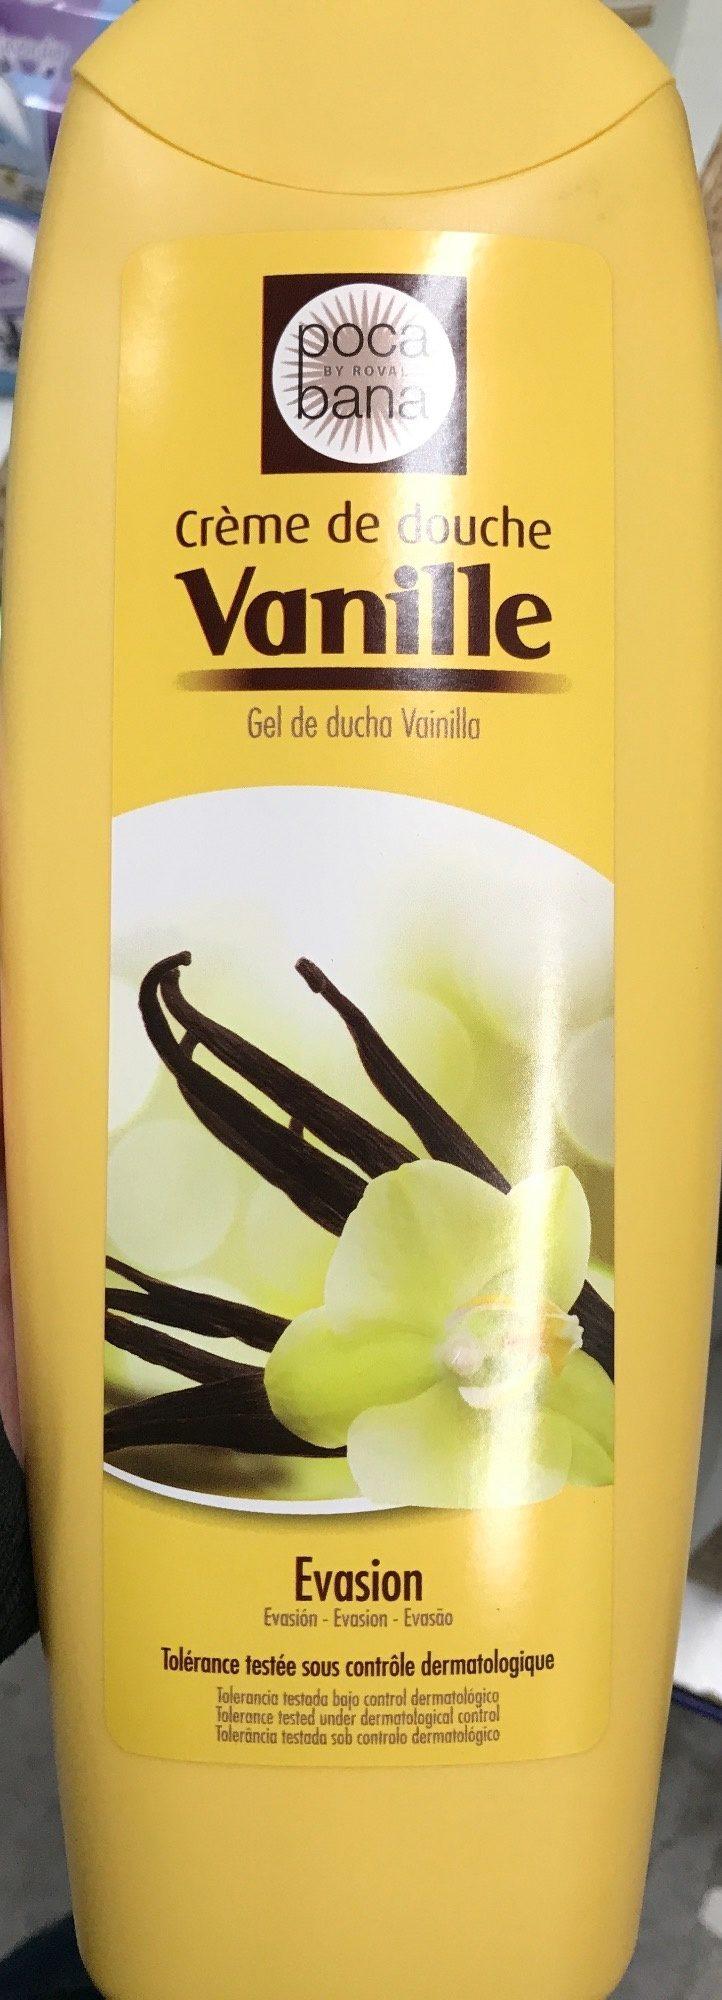 Crème de douche vanille Evasion - Product - fr